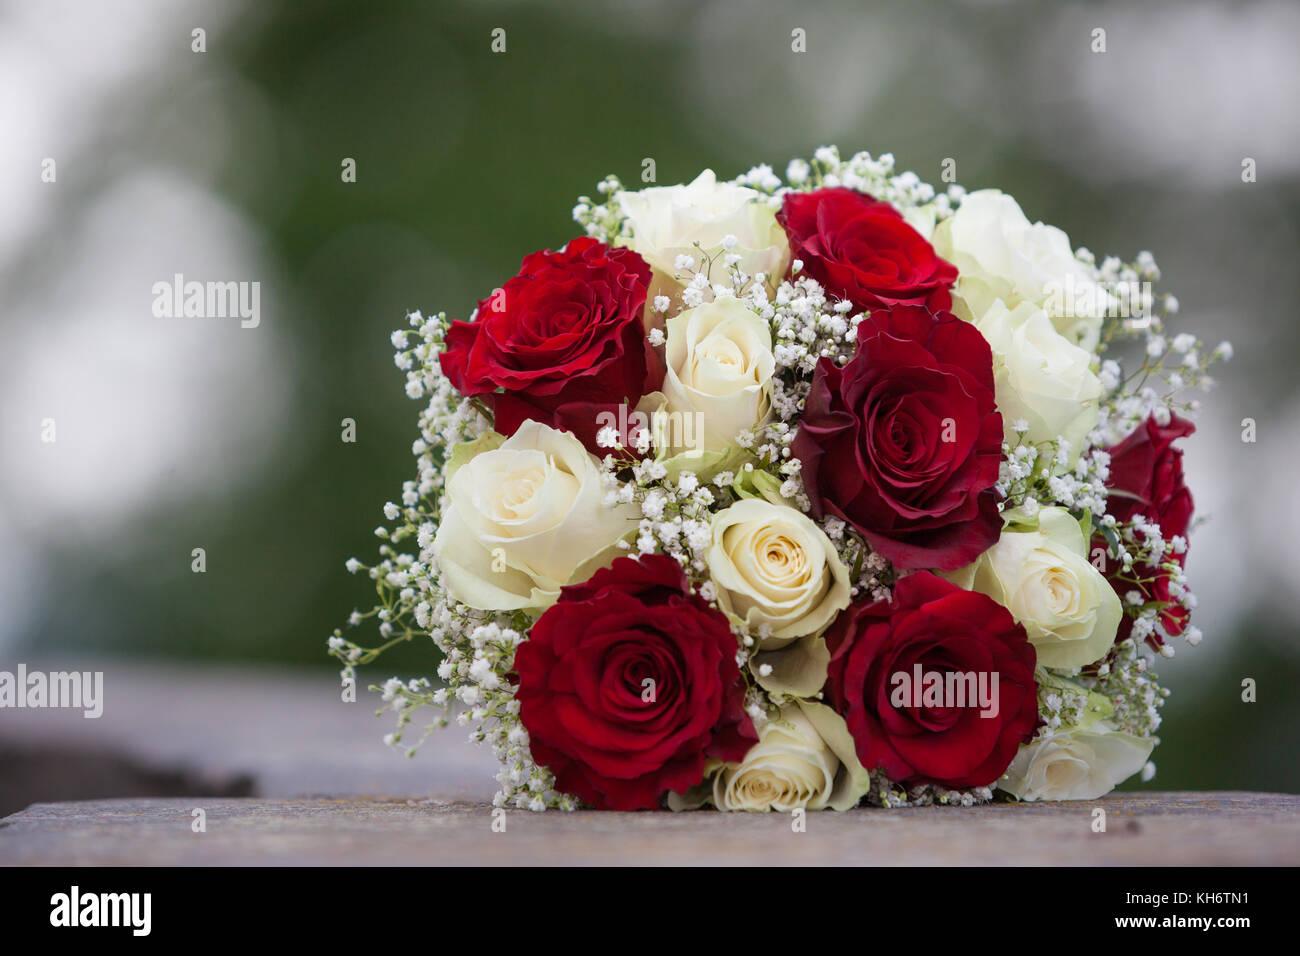 Hochzeitsstrauss Rote Rosen Blutenzauberegenhausen Brautstrauss In